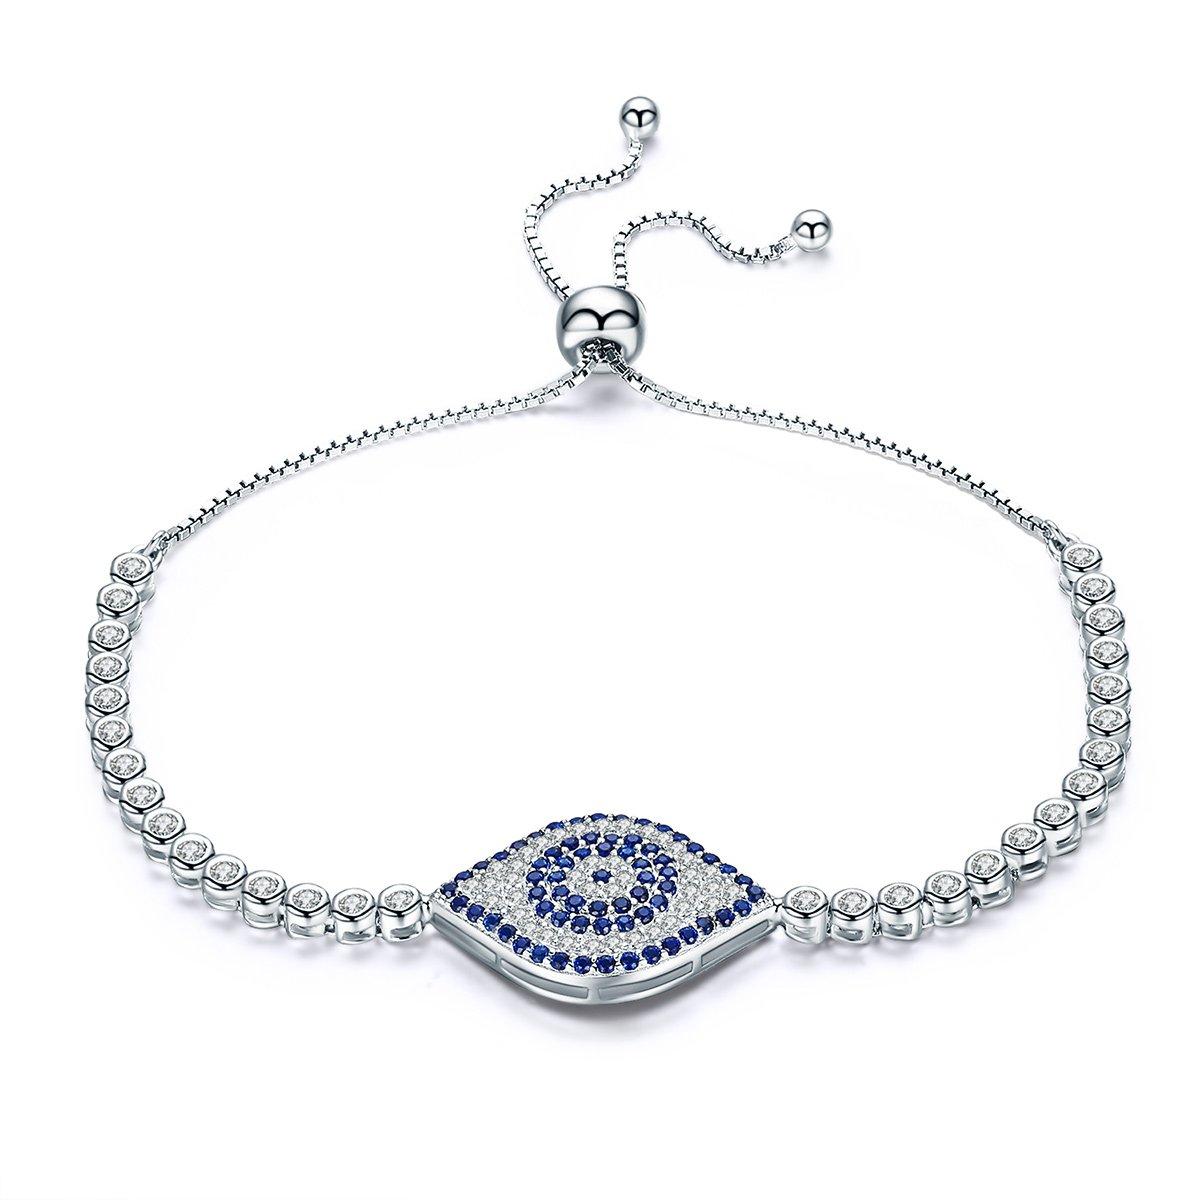 WOSTU Delicate Platinum Plated Sterling Silver Evil Eye CZ Link Tennis Bracelets Adjustable for Women